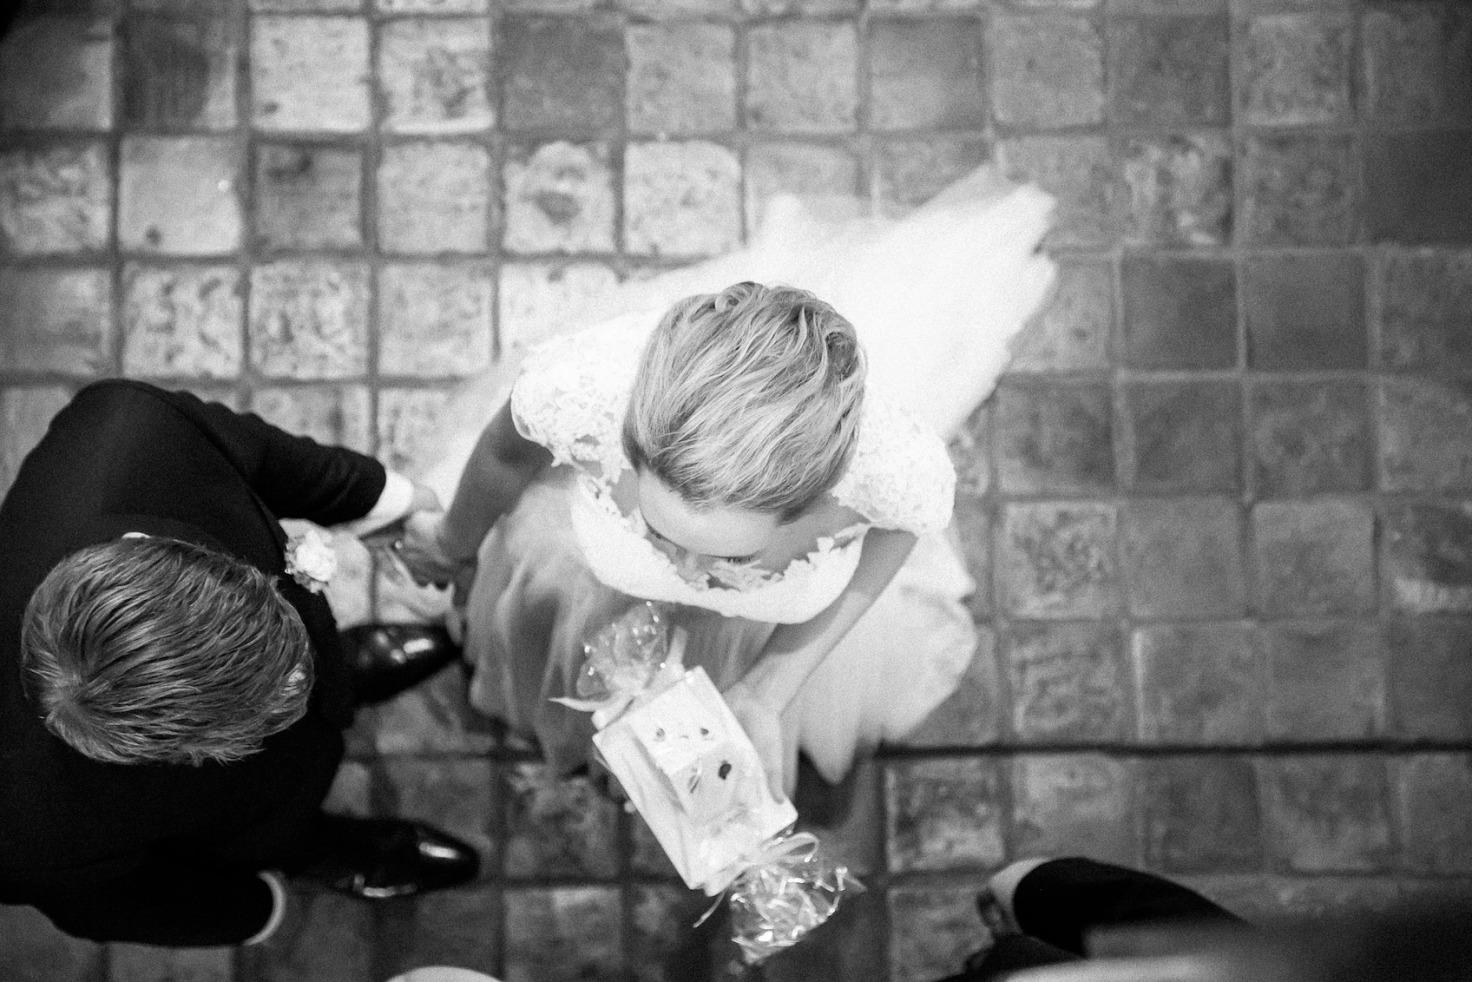 Hochzeit von Tine und Basti in Münster: Hochzeitspaar von oben fotografiert